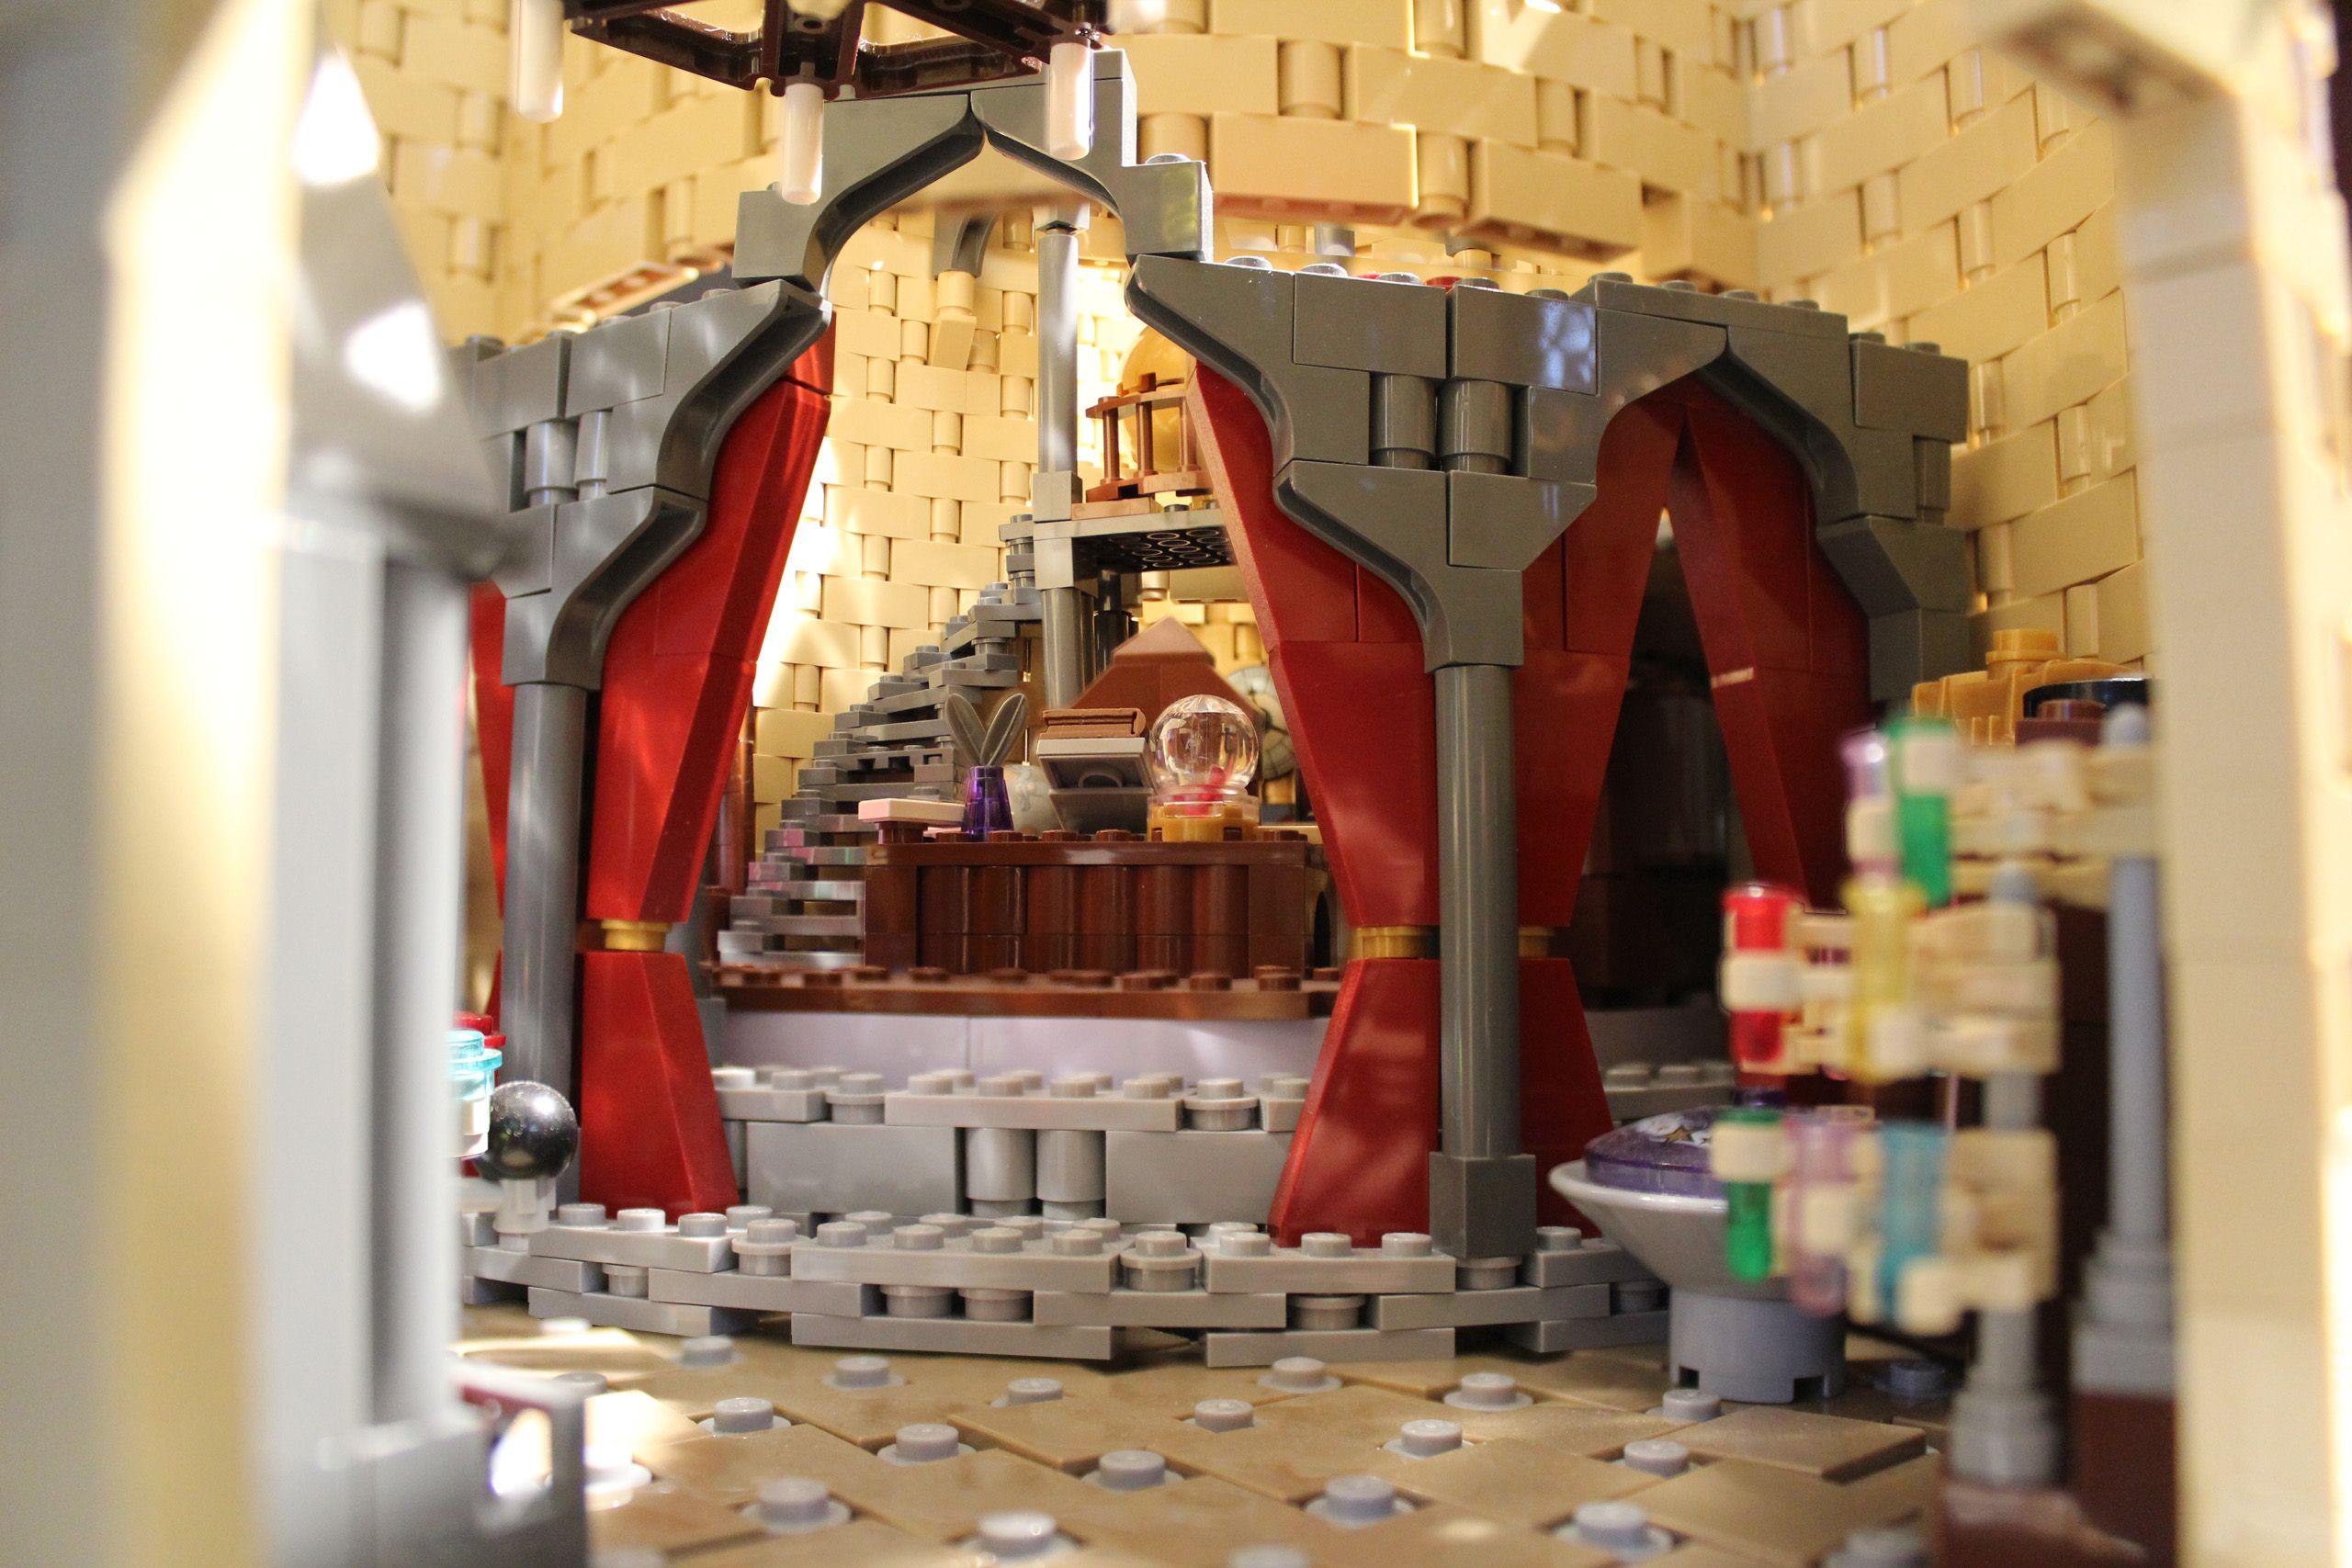 Lego Hogwarts Harry Potter 22